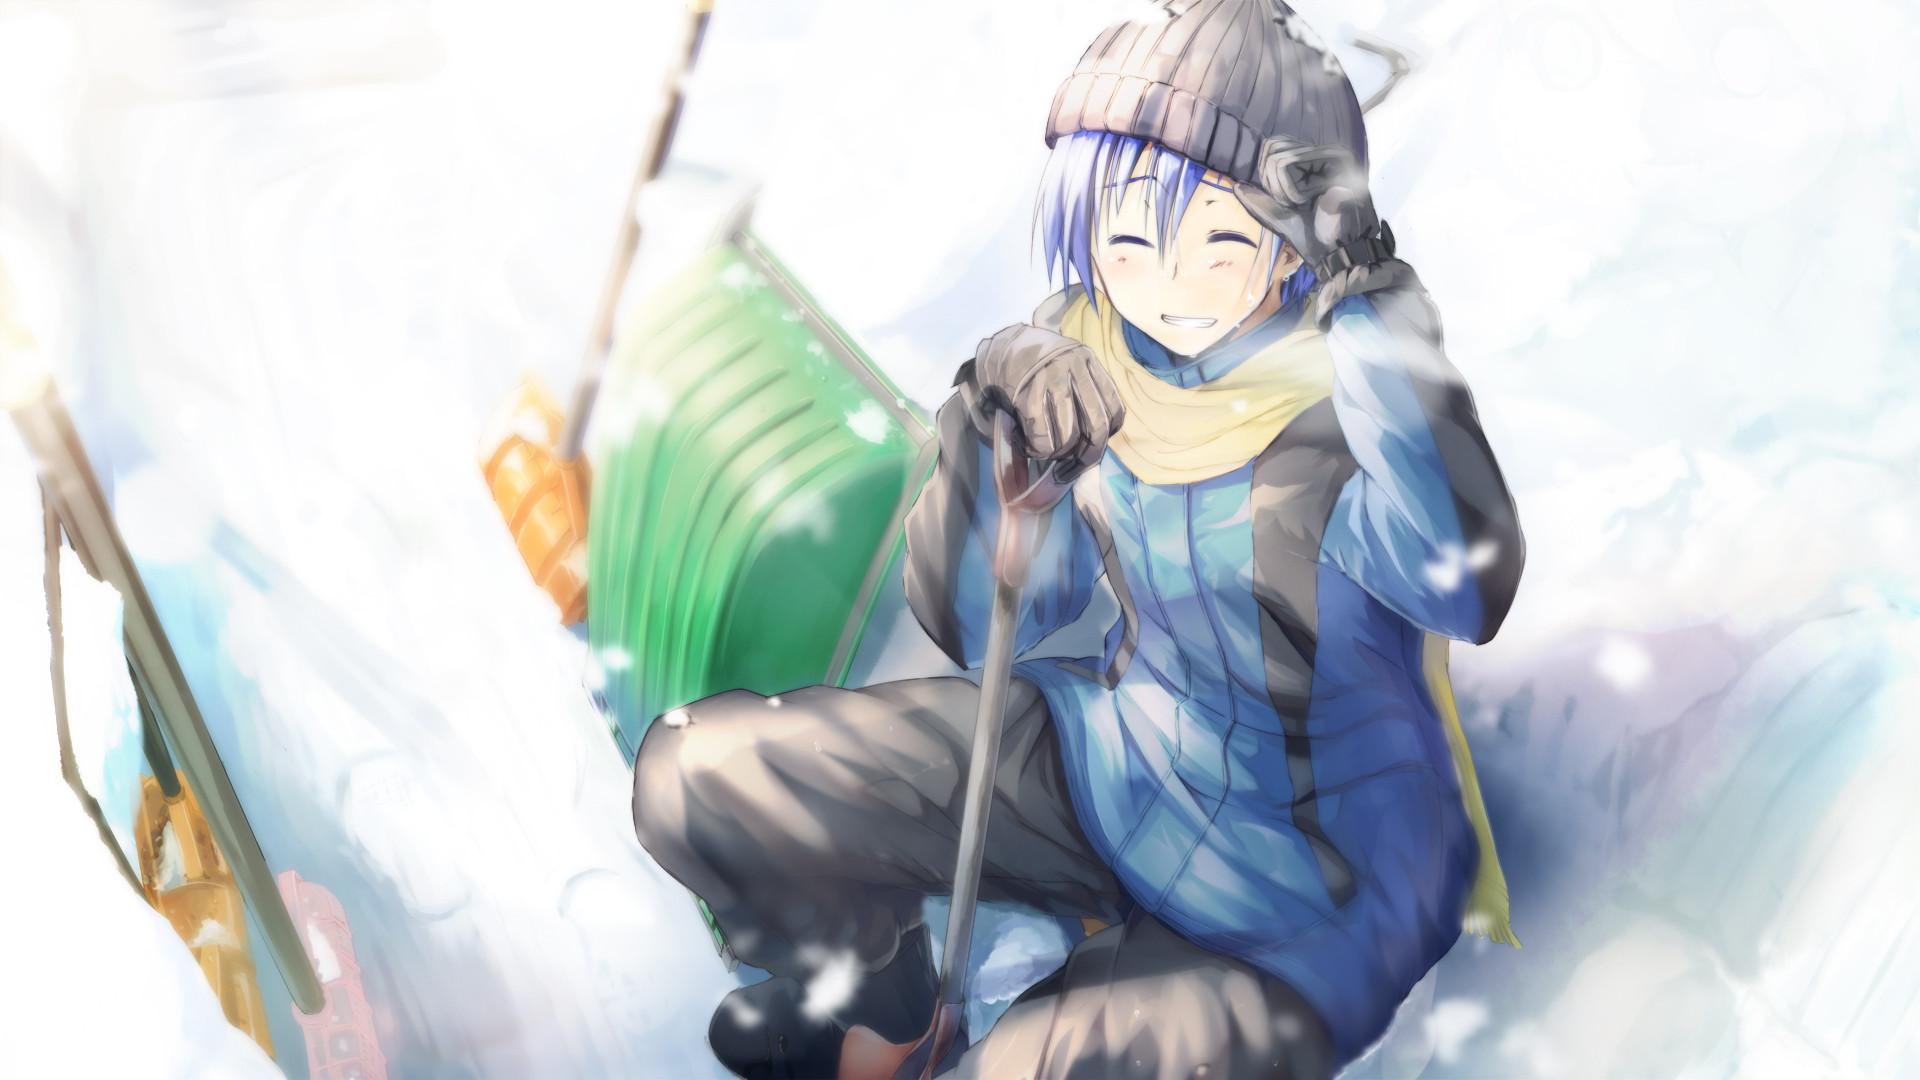 Ảnh anime boy mùa đông đẹp